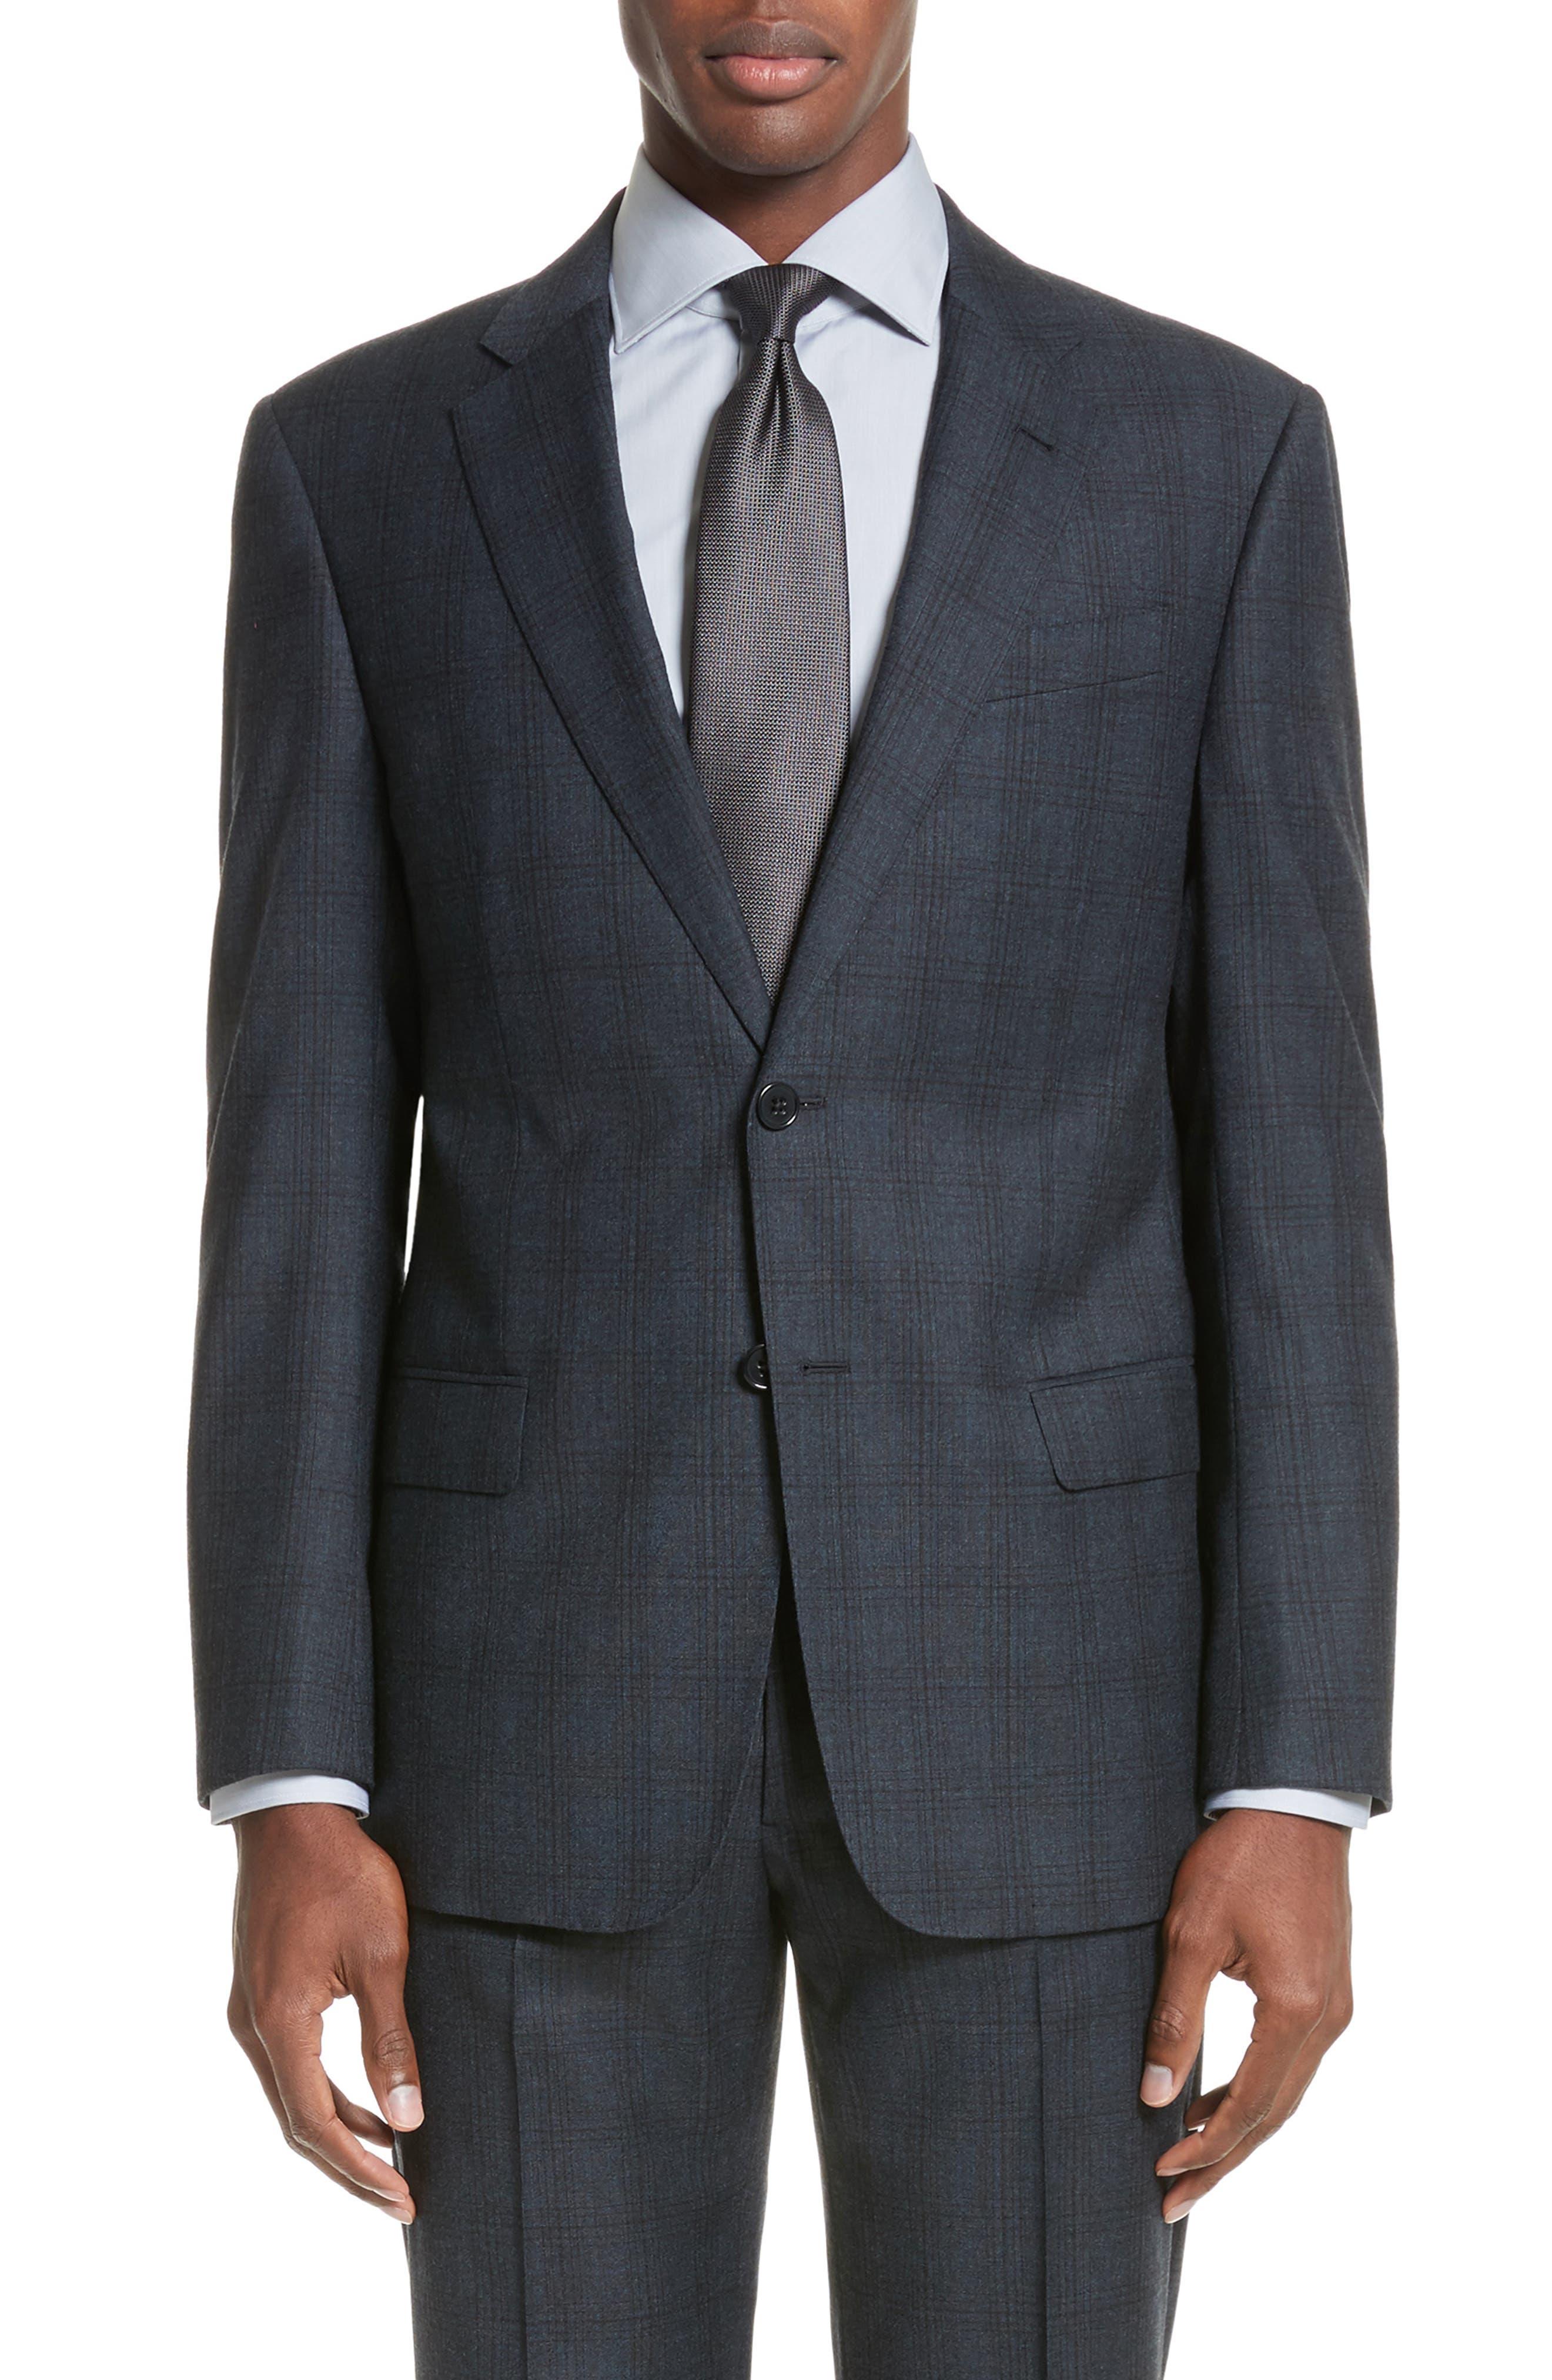 G-Line Trim Fit Plaid Wool Suit,                             Alternate thumbnail 4, color,                             Navy